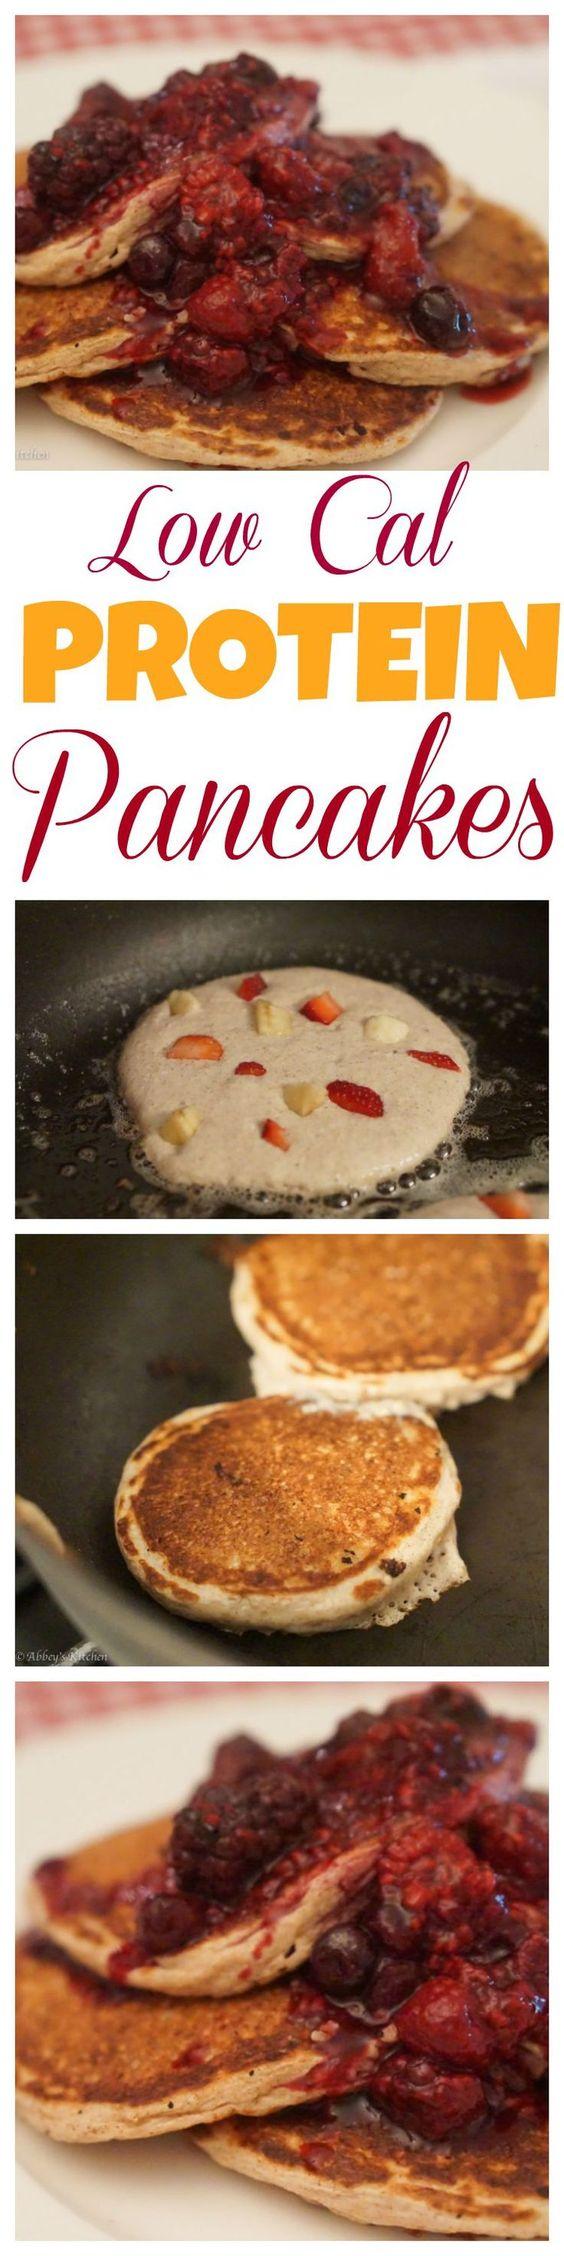 ... protein pancakes cottage cheese egg whites protein pancakes cottages